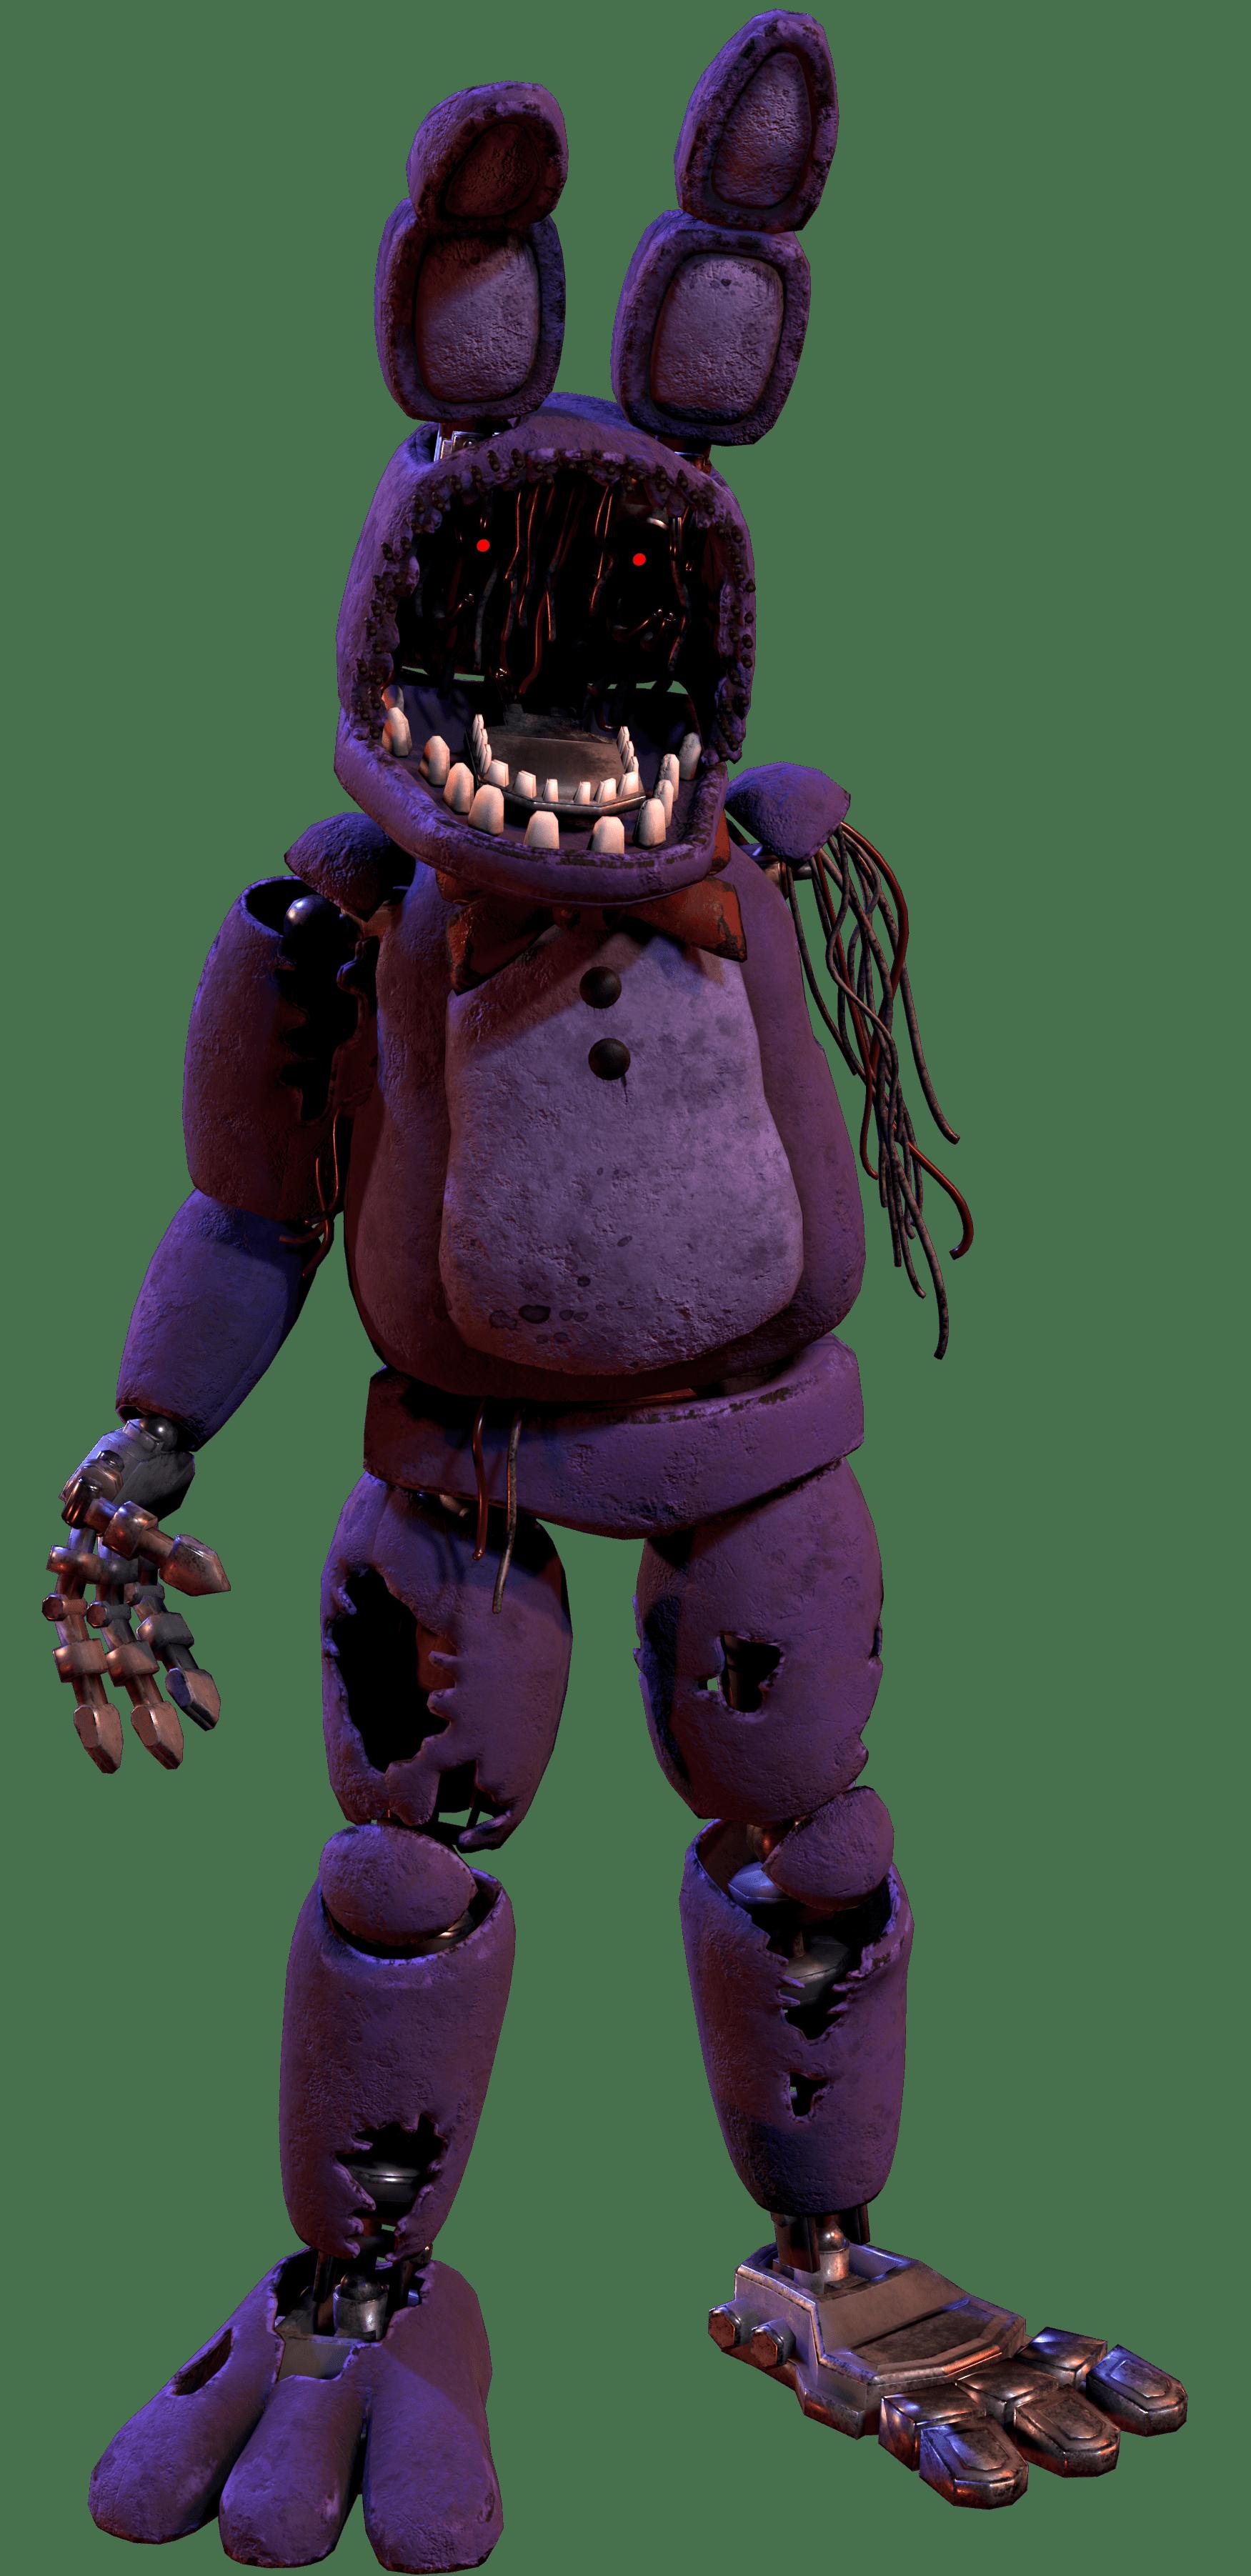 Withered Bonnie | Triple A Fazbear Wiki | Fandom